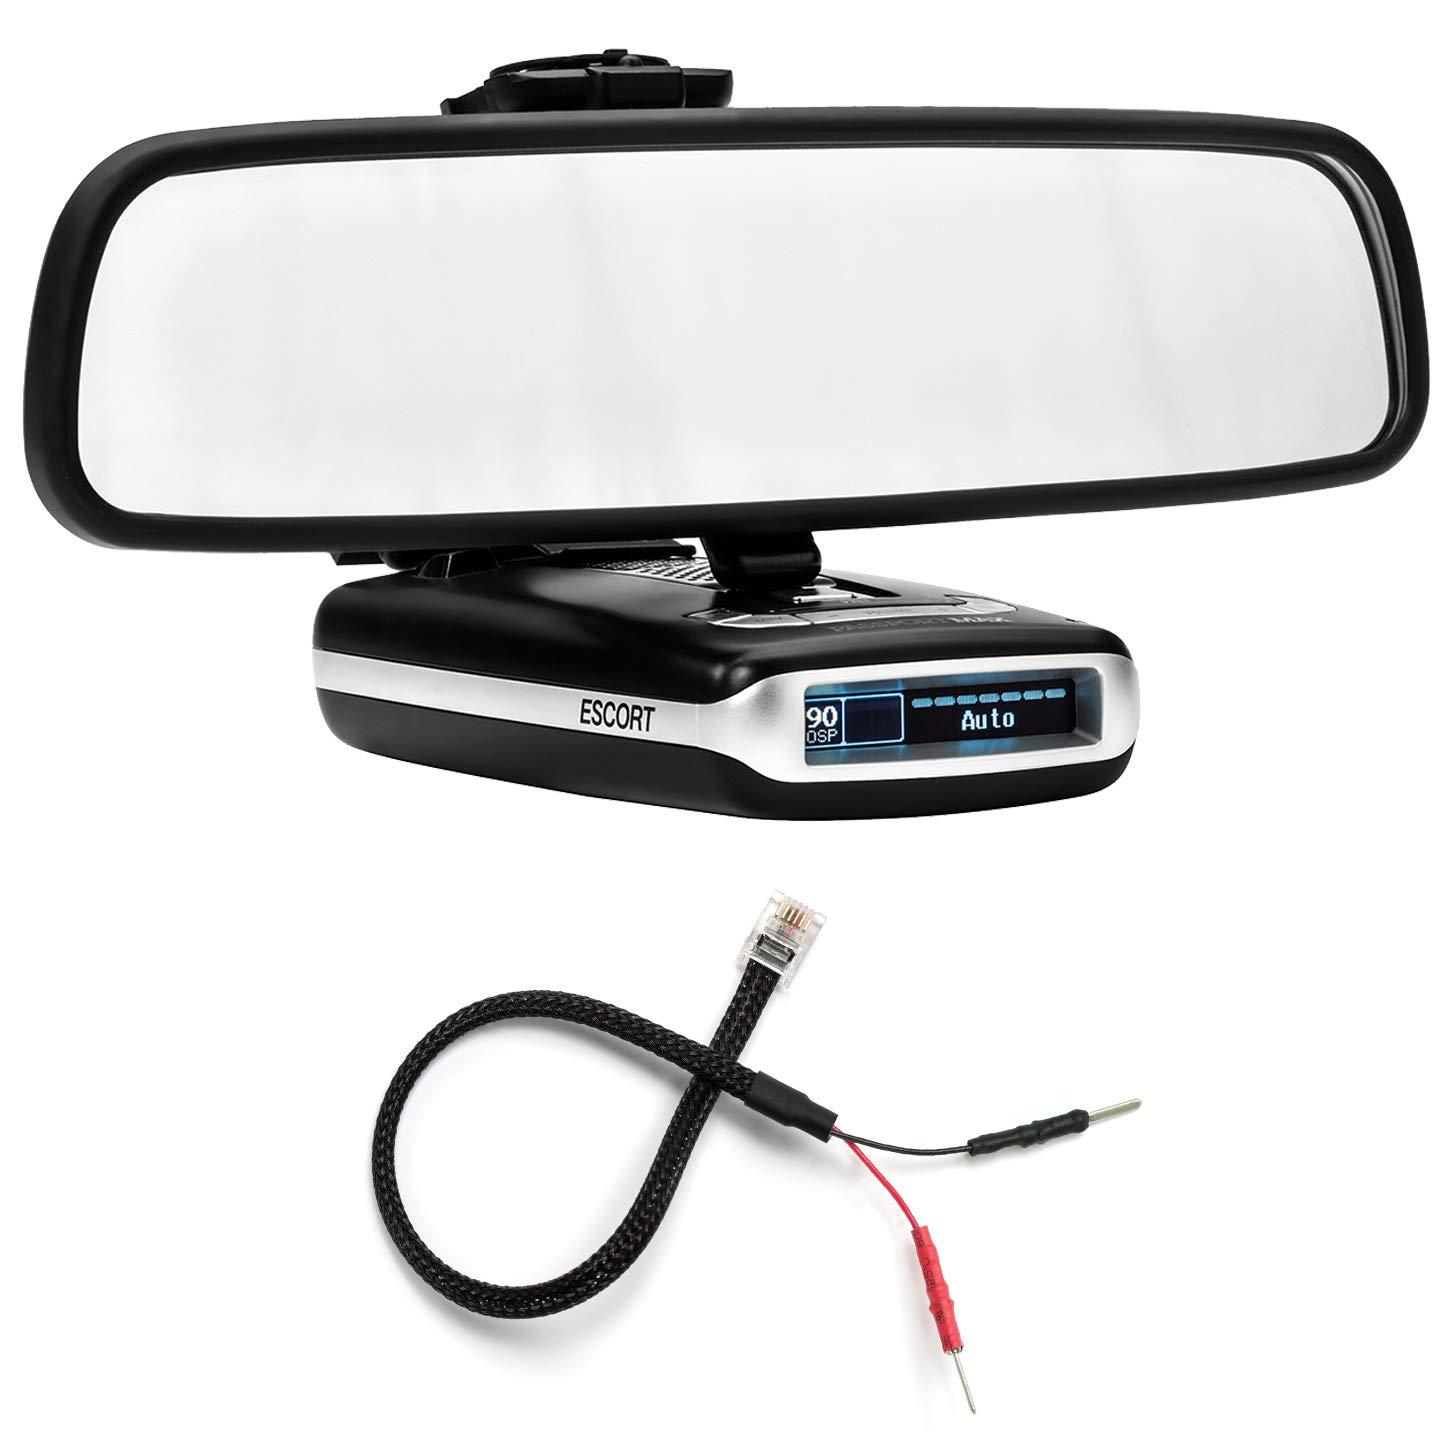 PerformancePackage espejo pantalla plana soporte de Radar Detector + Espejo Cable Cable de alimentación - Escort Max Max2: Amazon.es: Electrónica